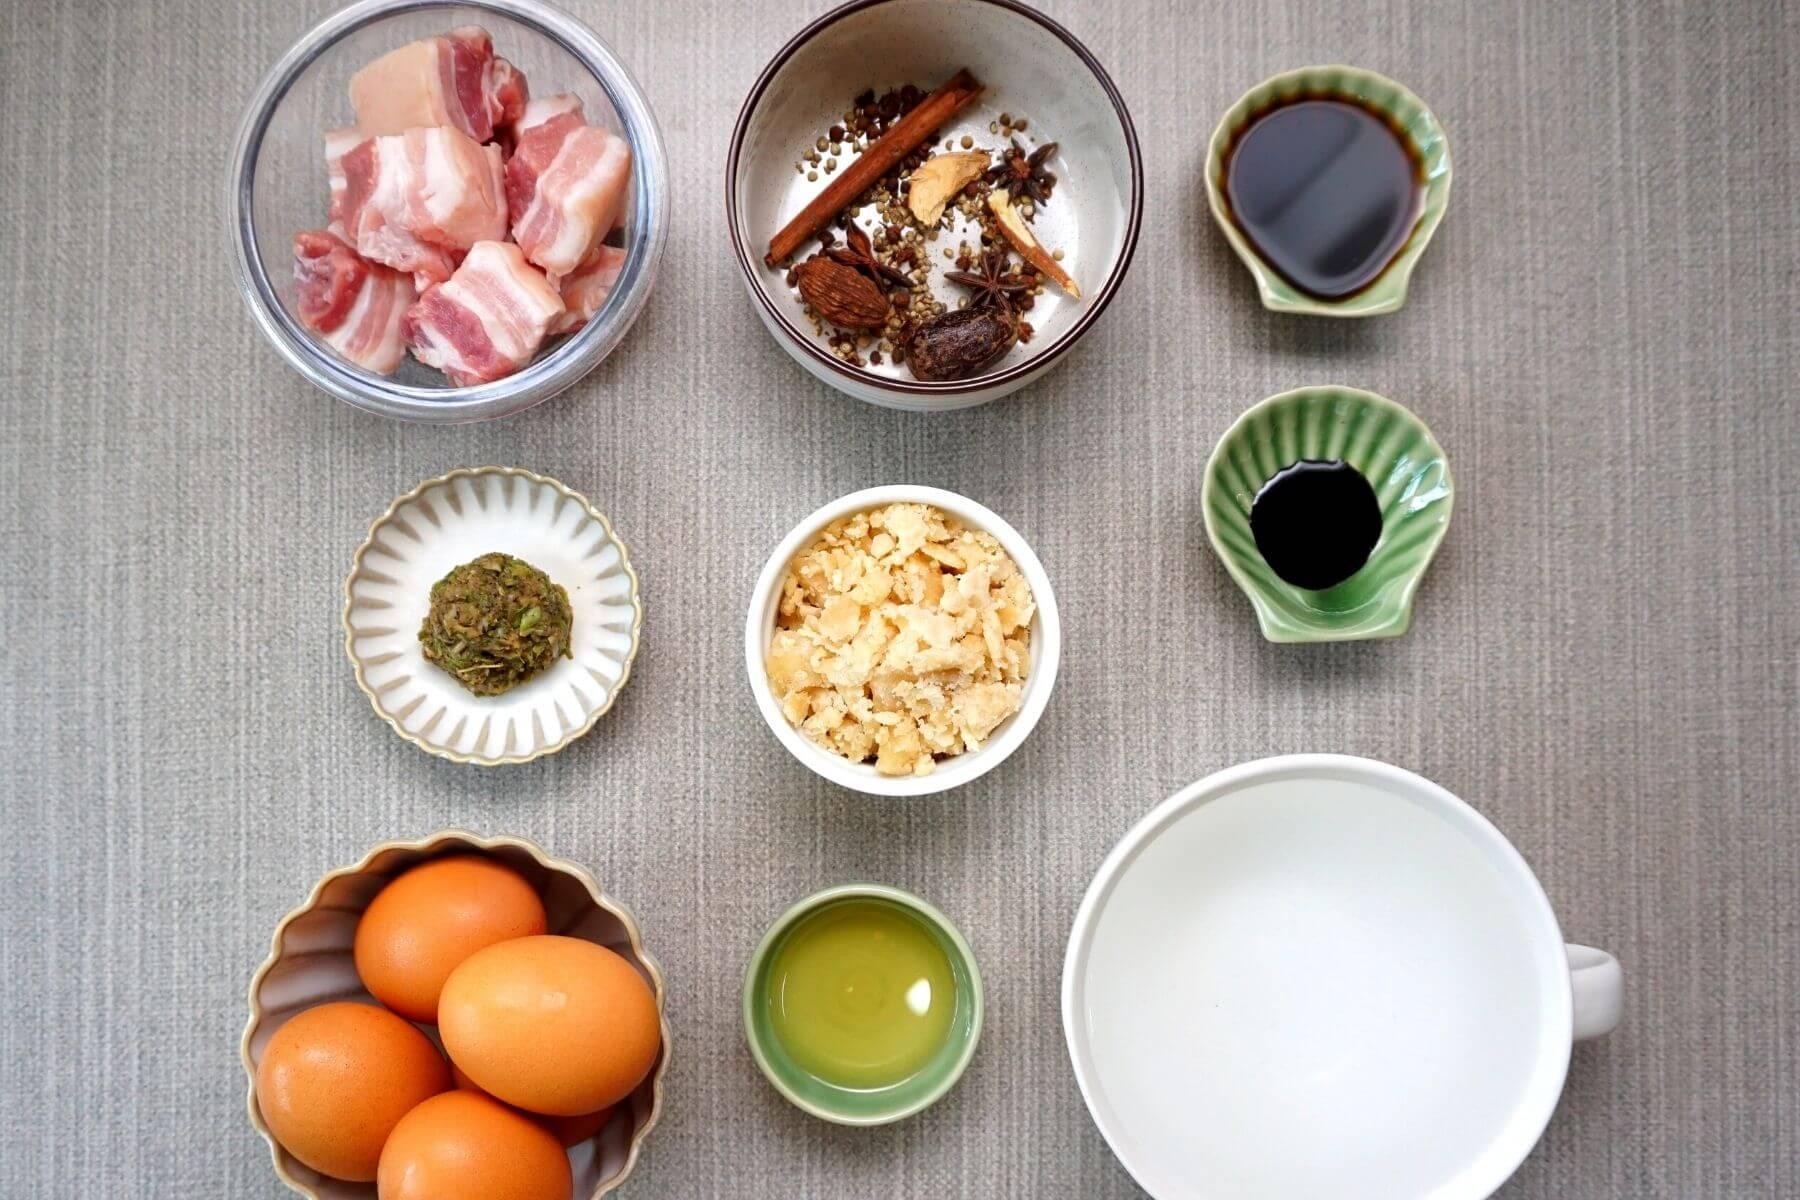 วิธีทำไข่พะโล้ วัตถุดิบ สูตรไม่ใช้ ผงพะโล้